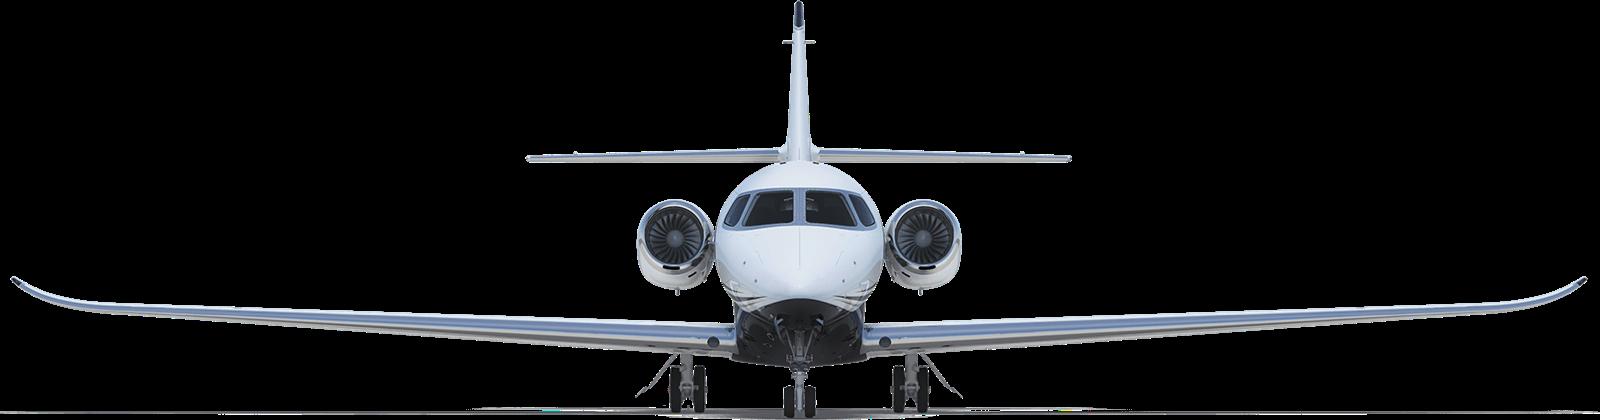 Midsize jet front